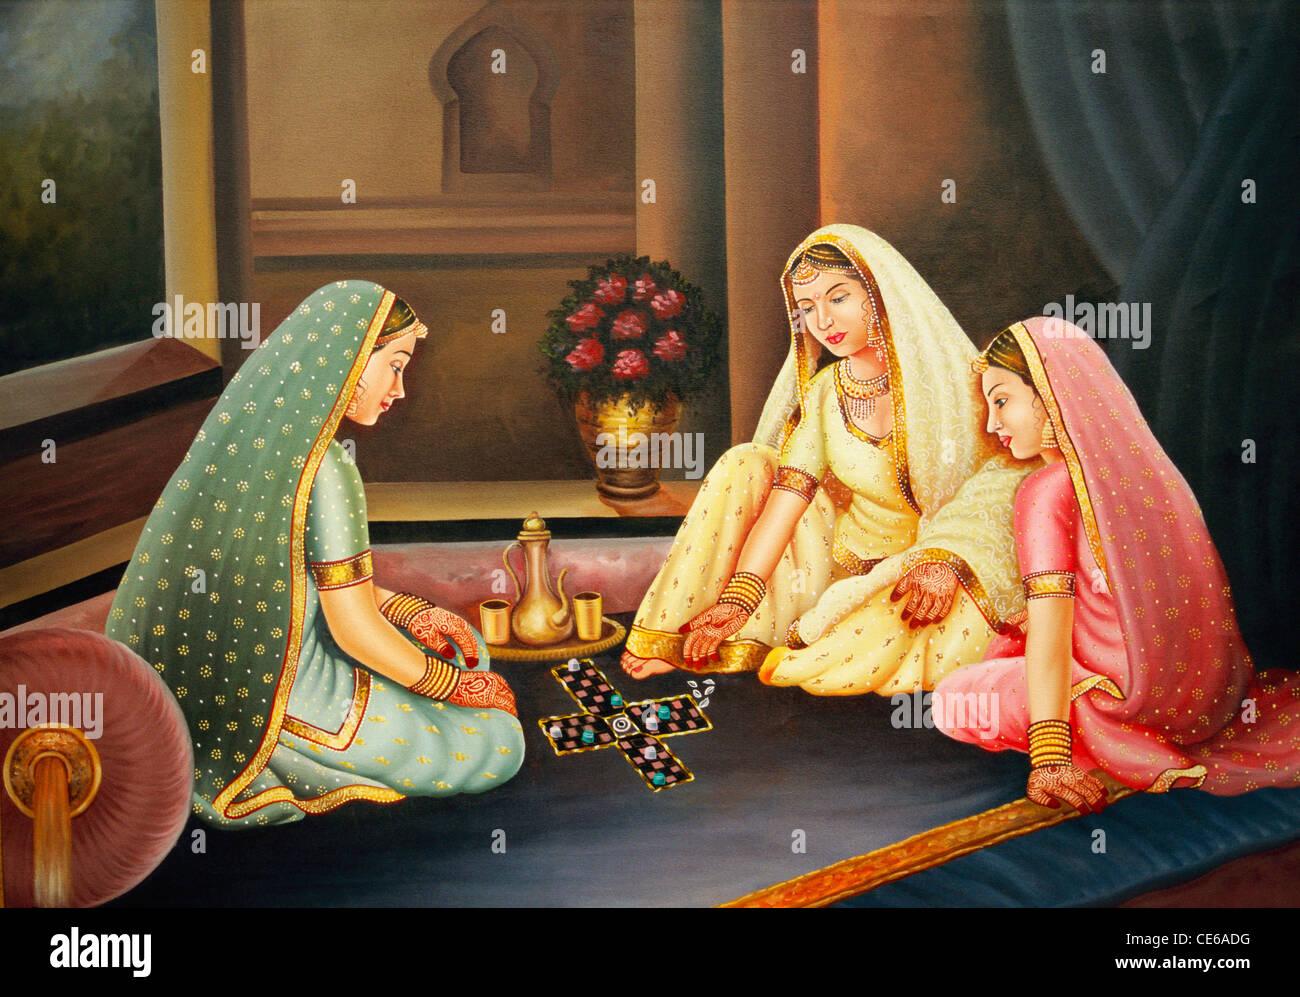 Pittura Di Olio su tela donne gioca ludo chopad gioco Immagini Stock